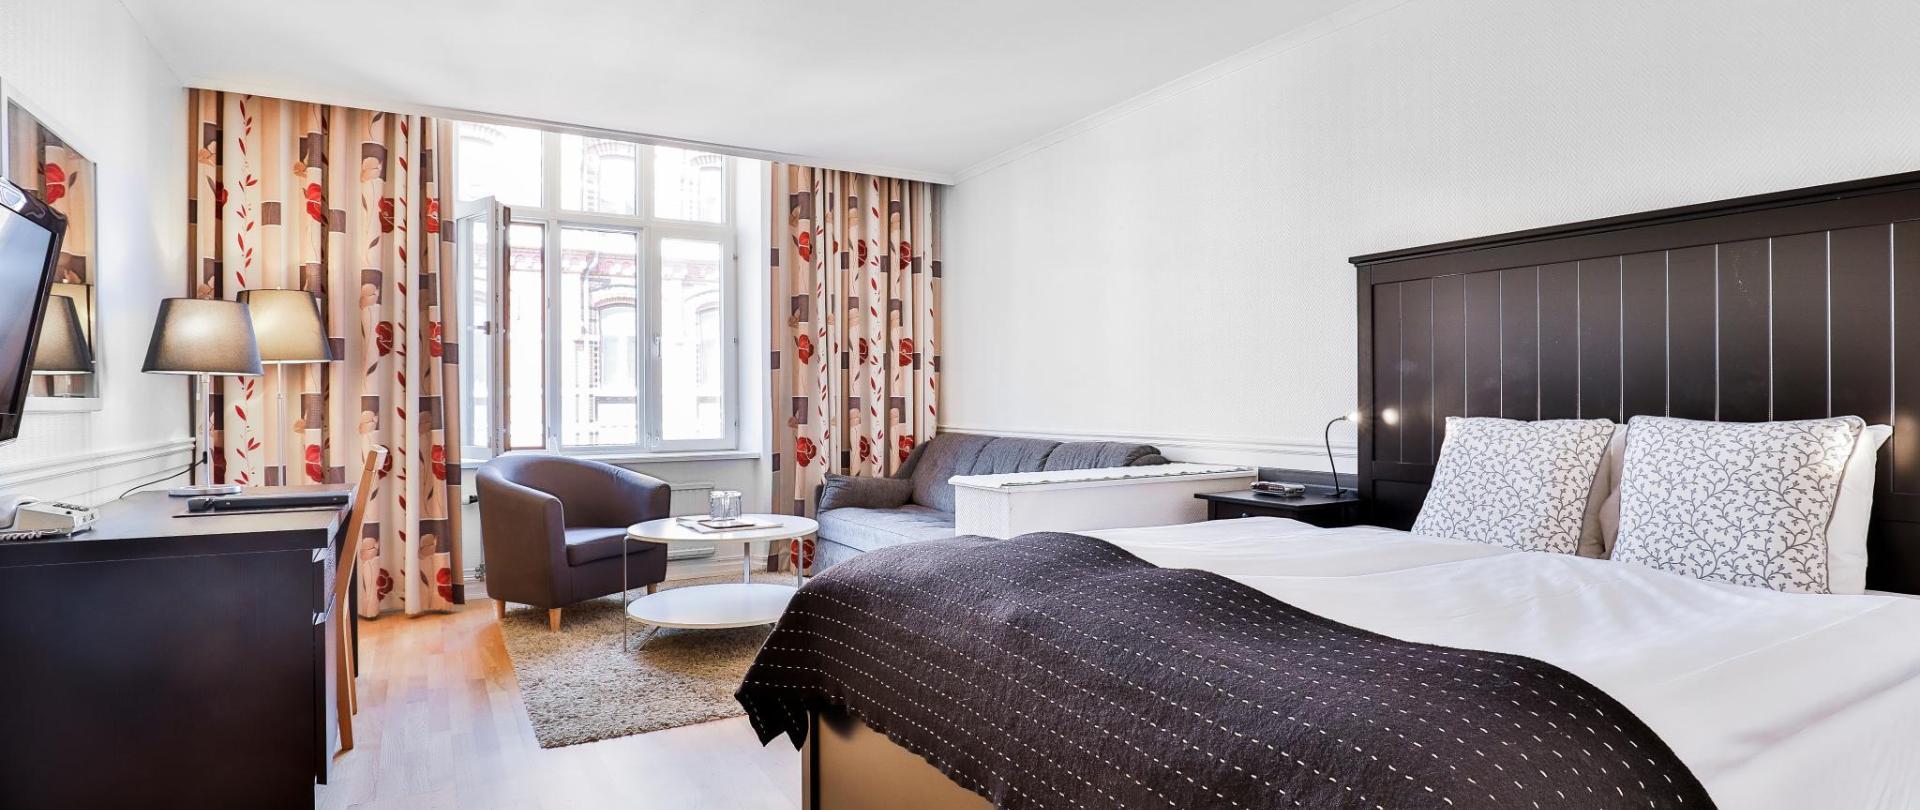 poseidon_hotell020517_0181.jpg